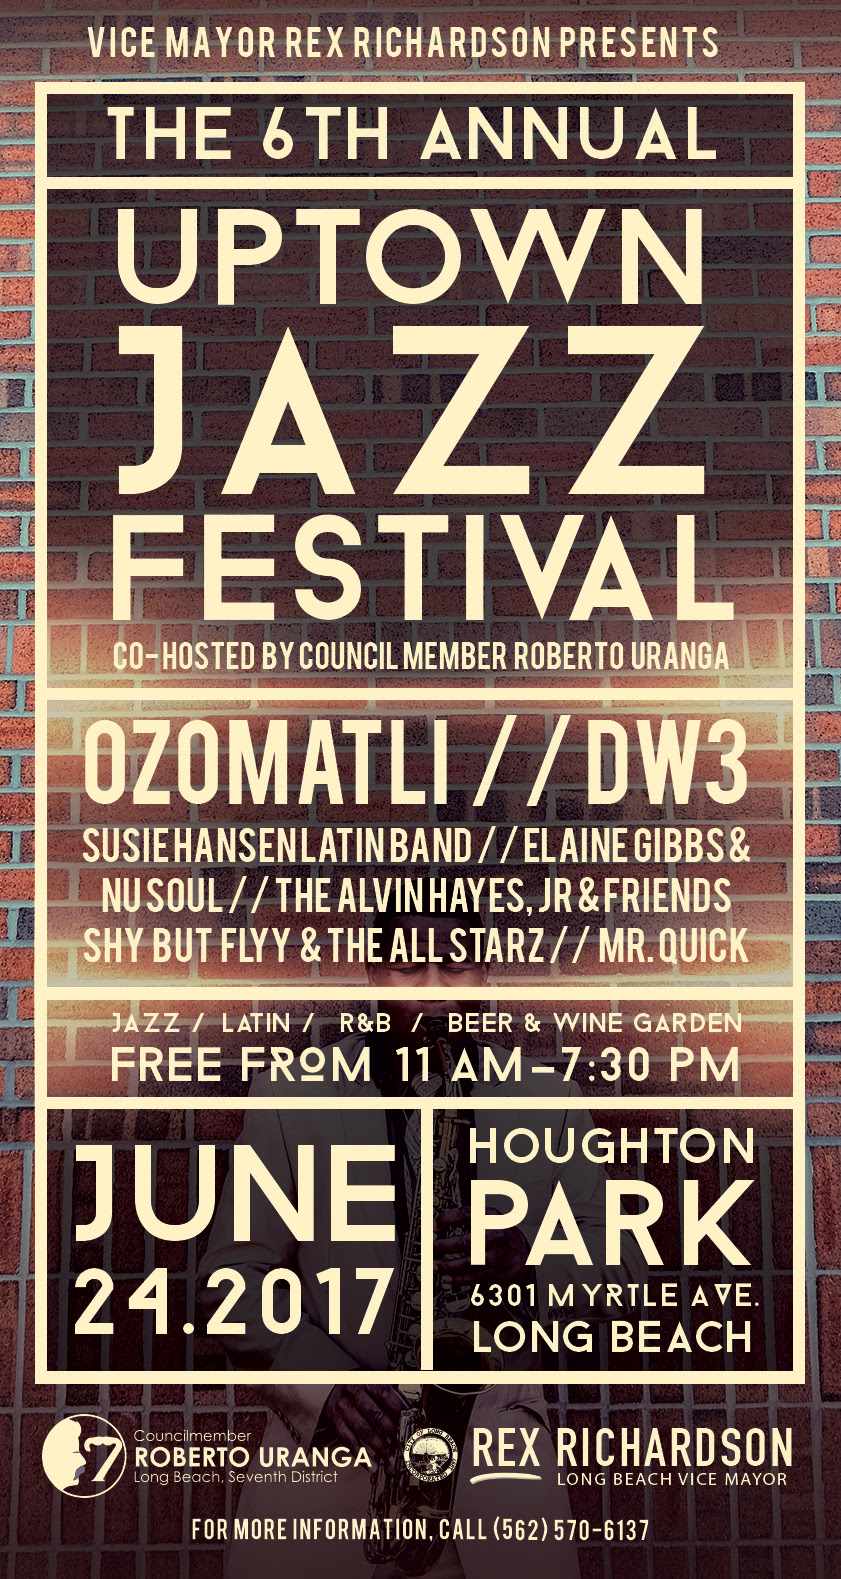 Jazz_Fest_Flyer_2017.jpg